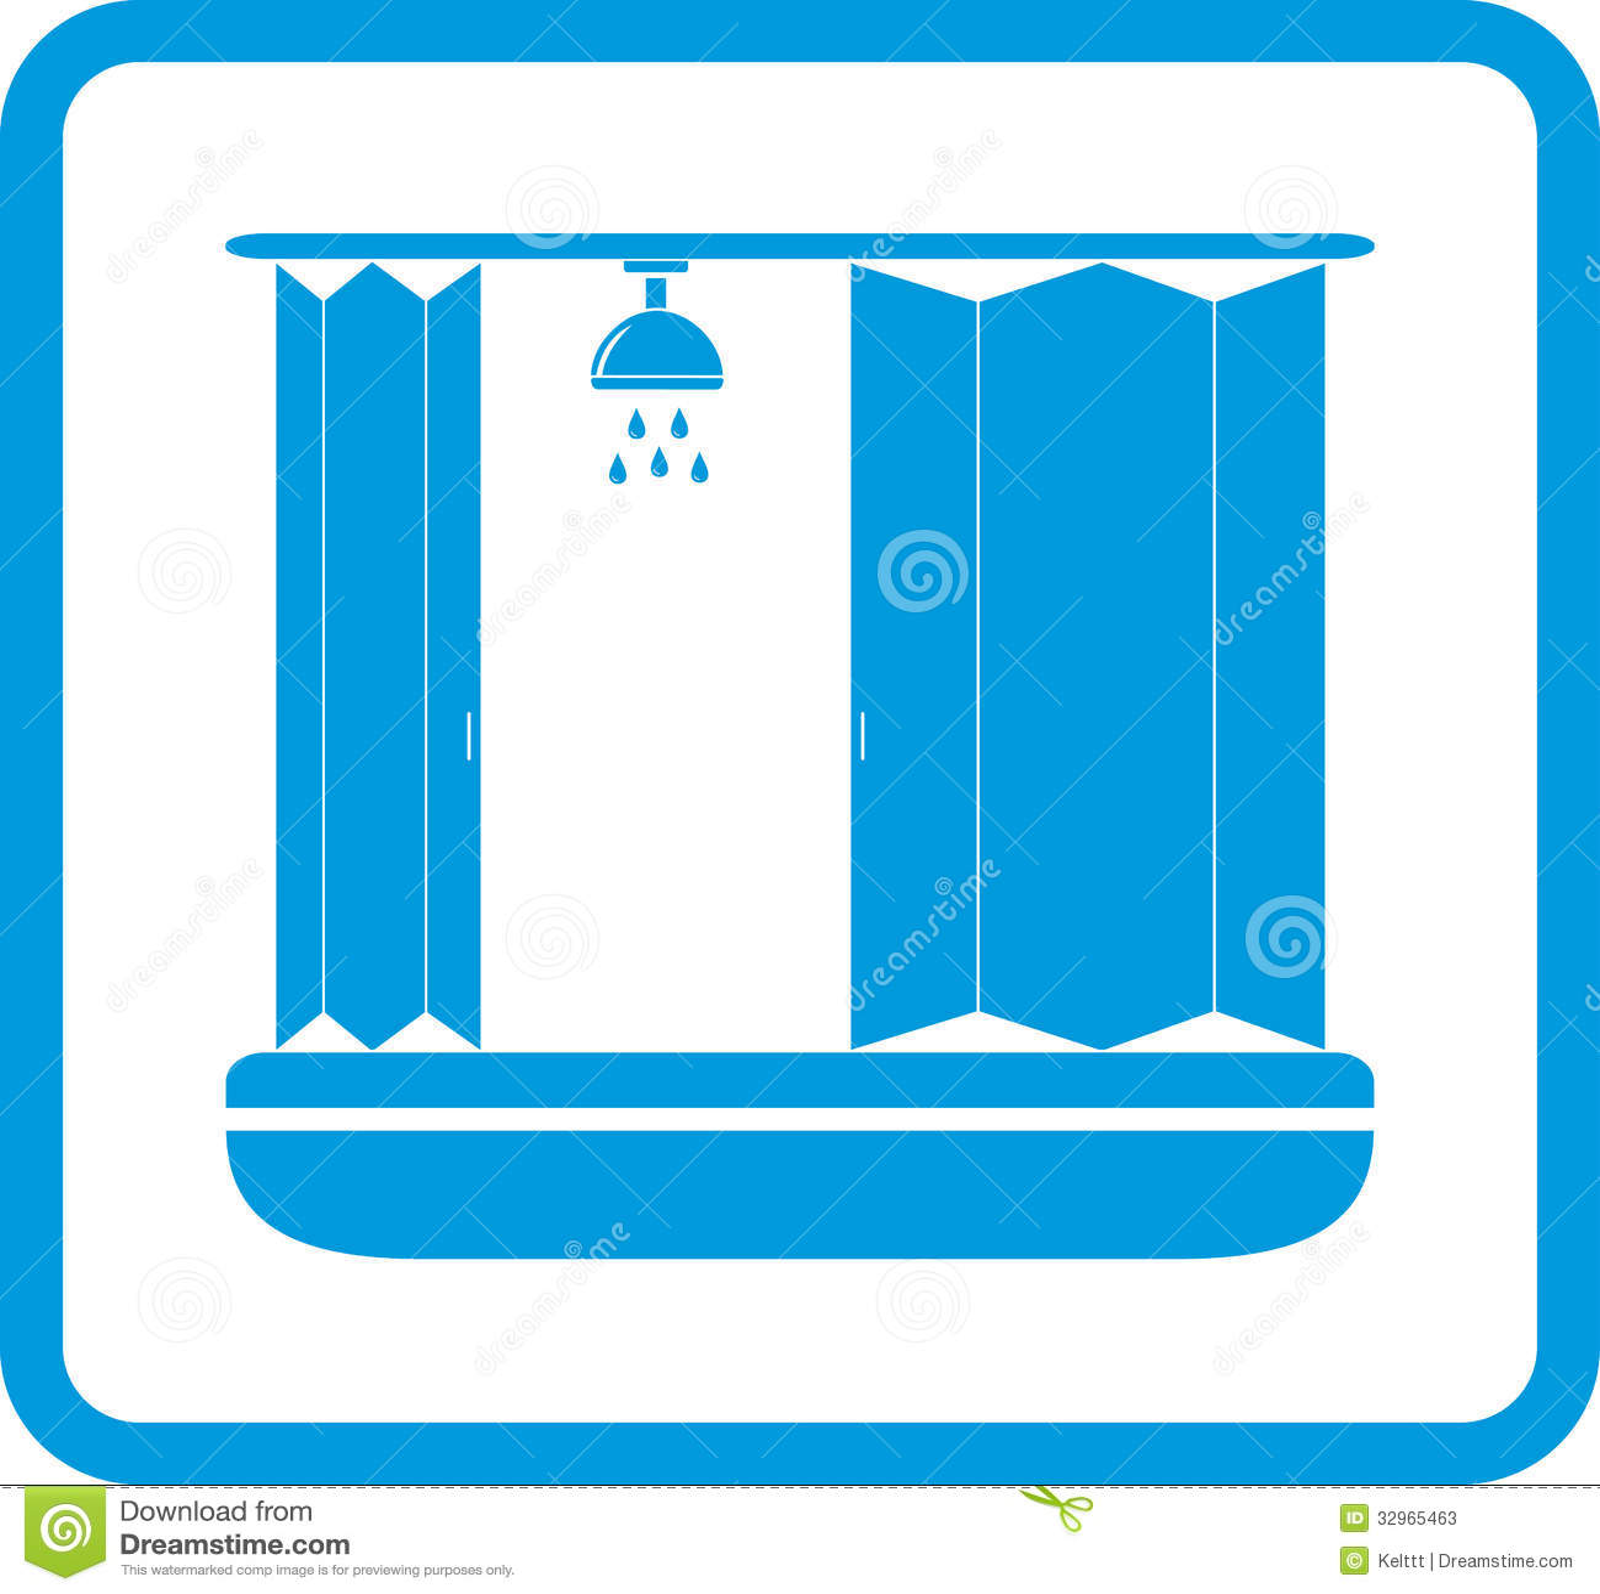 Cuartos De Baño Con Ducha Fotos:Icon Restroom with Shower